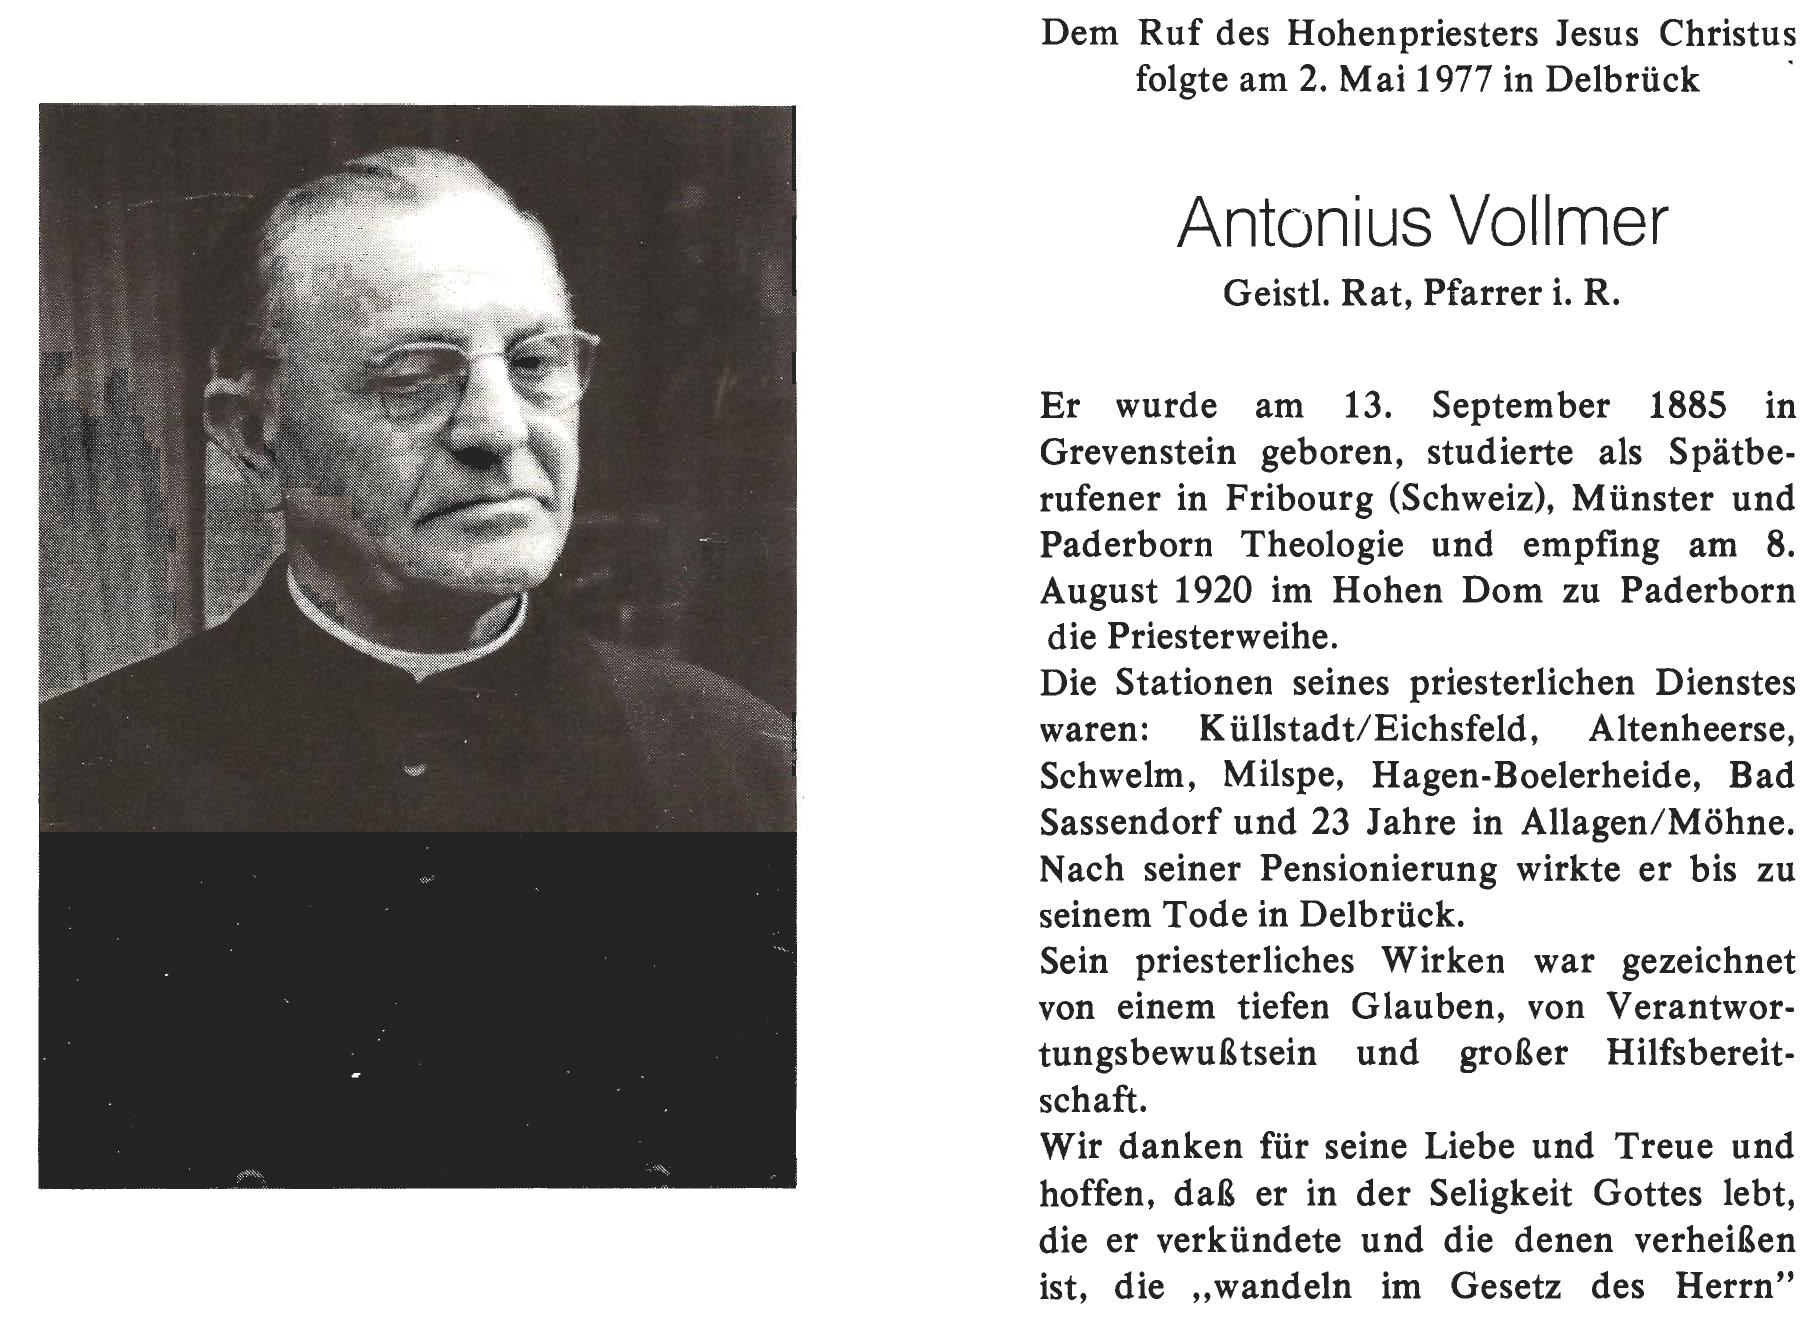 TZ_Vollmer_Antonius_Pastor_1885